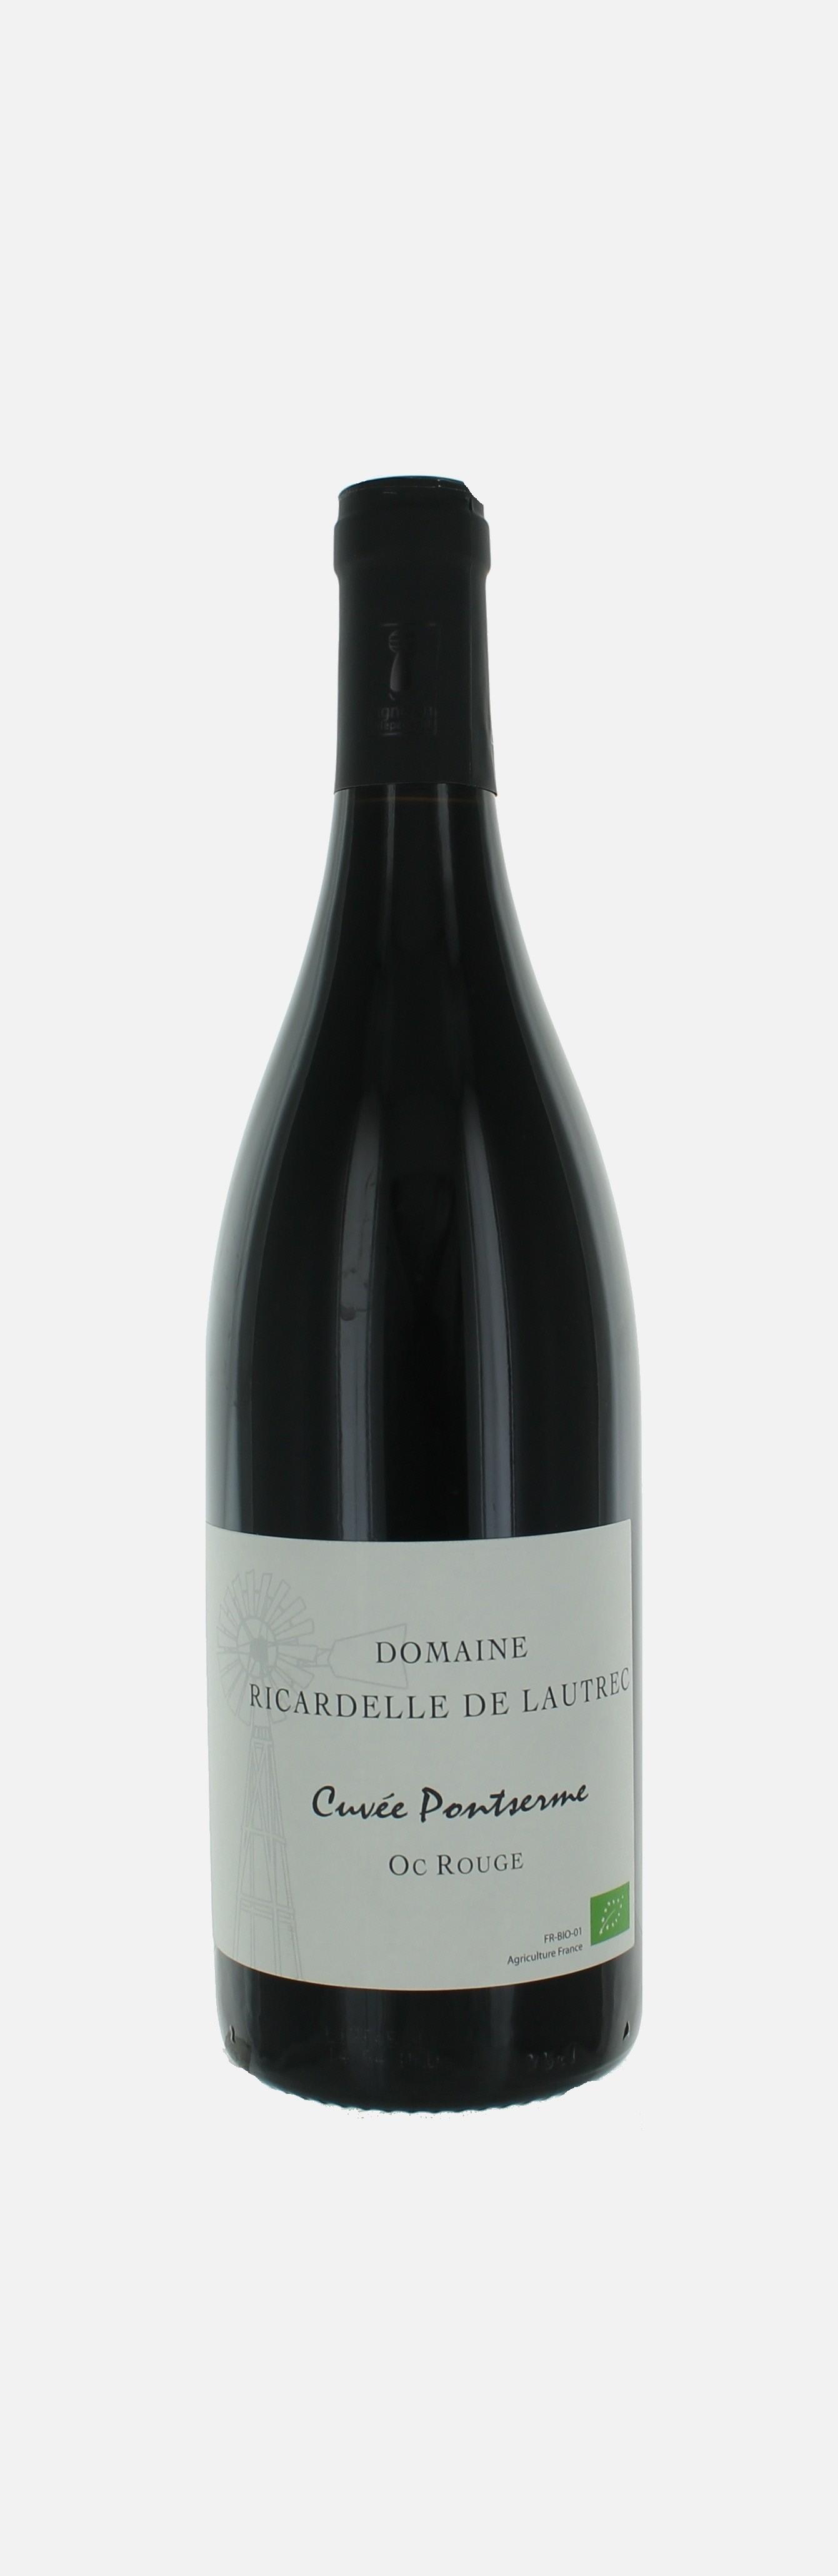 Pontserme, Pays d'Oc, Ricardelle de Lautrec